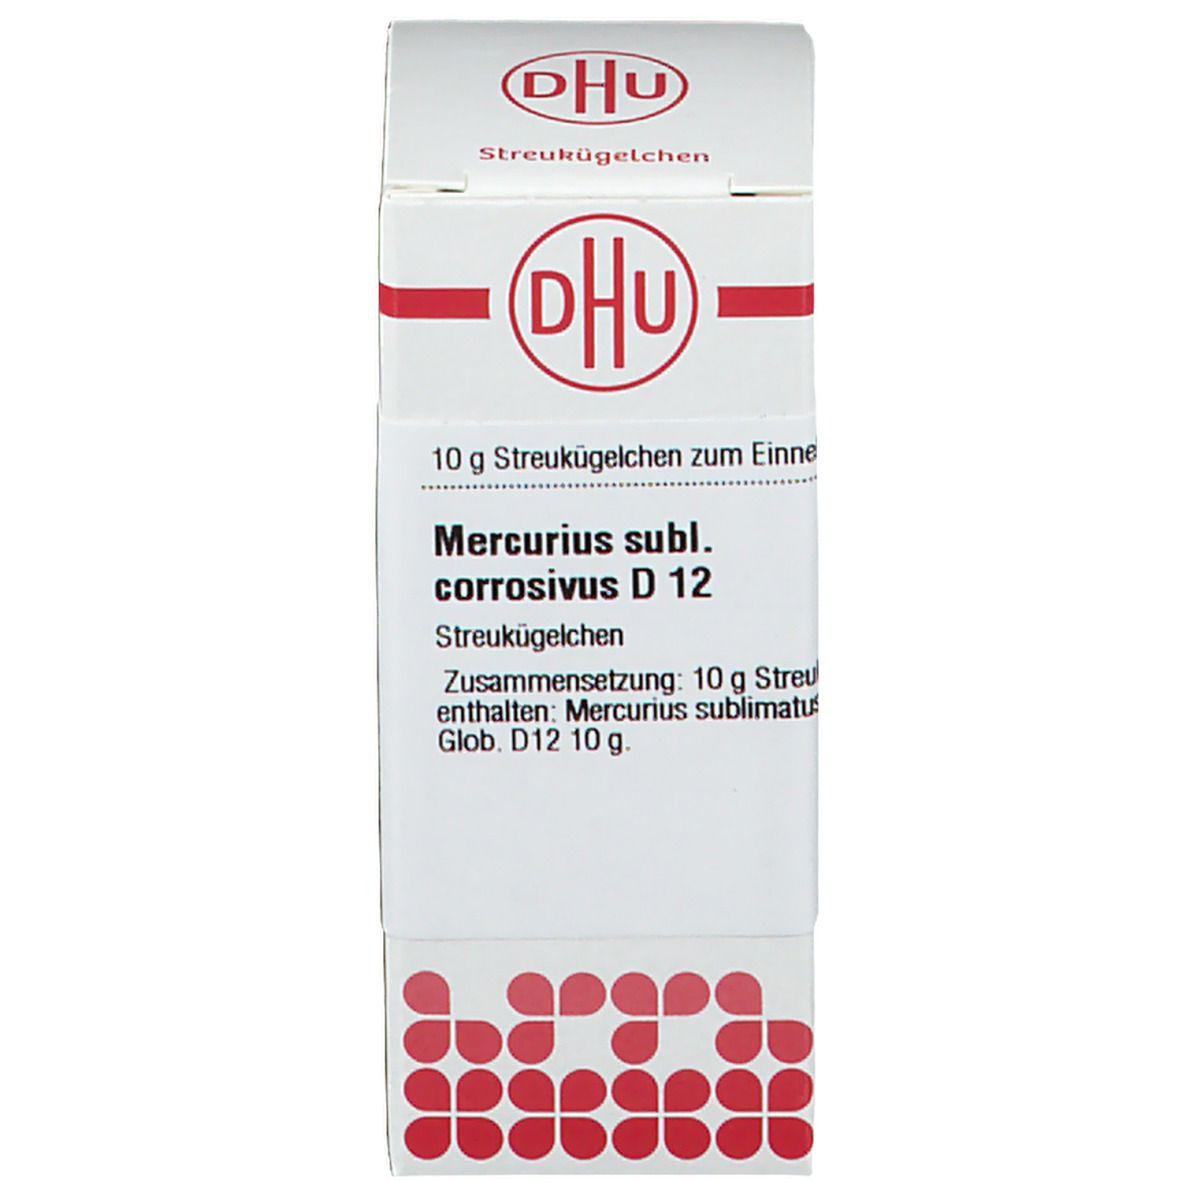 DHU Mercurius Sublimatus Corrosivus D12